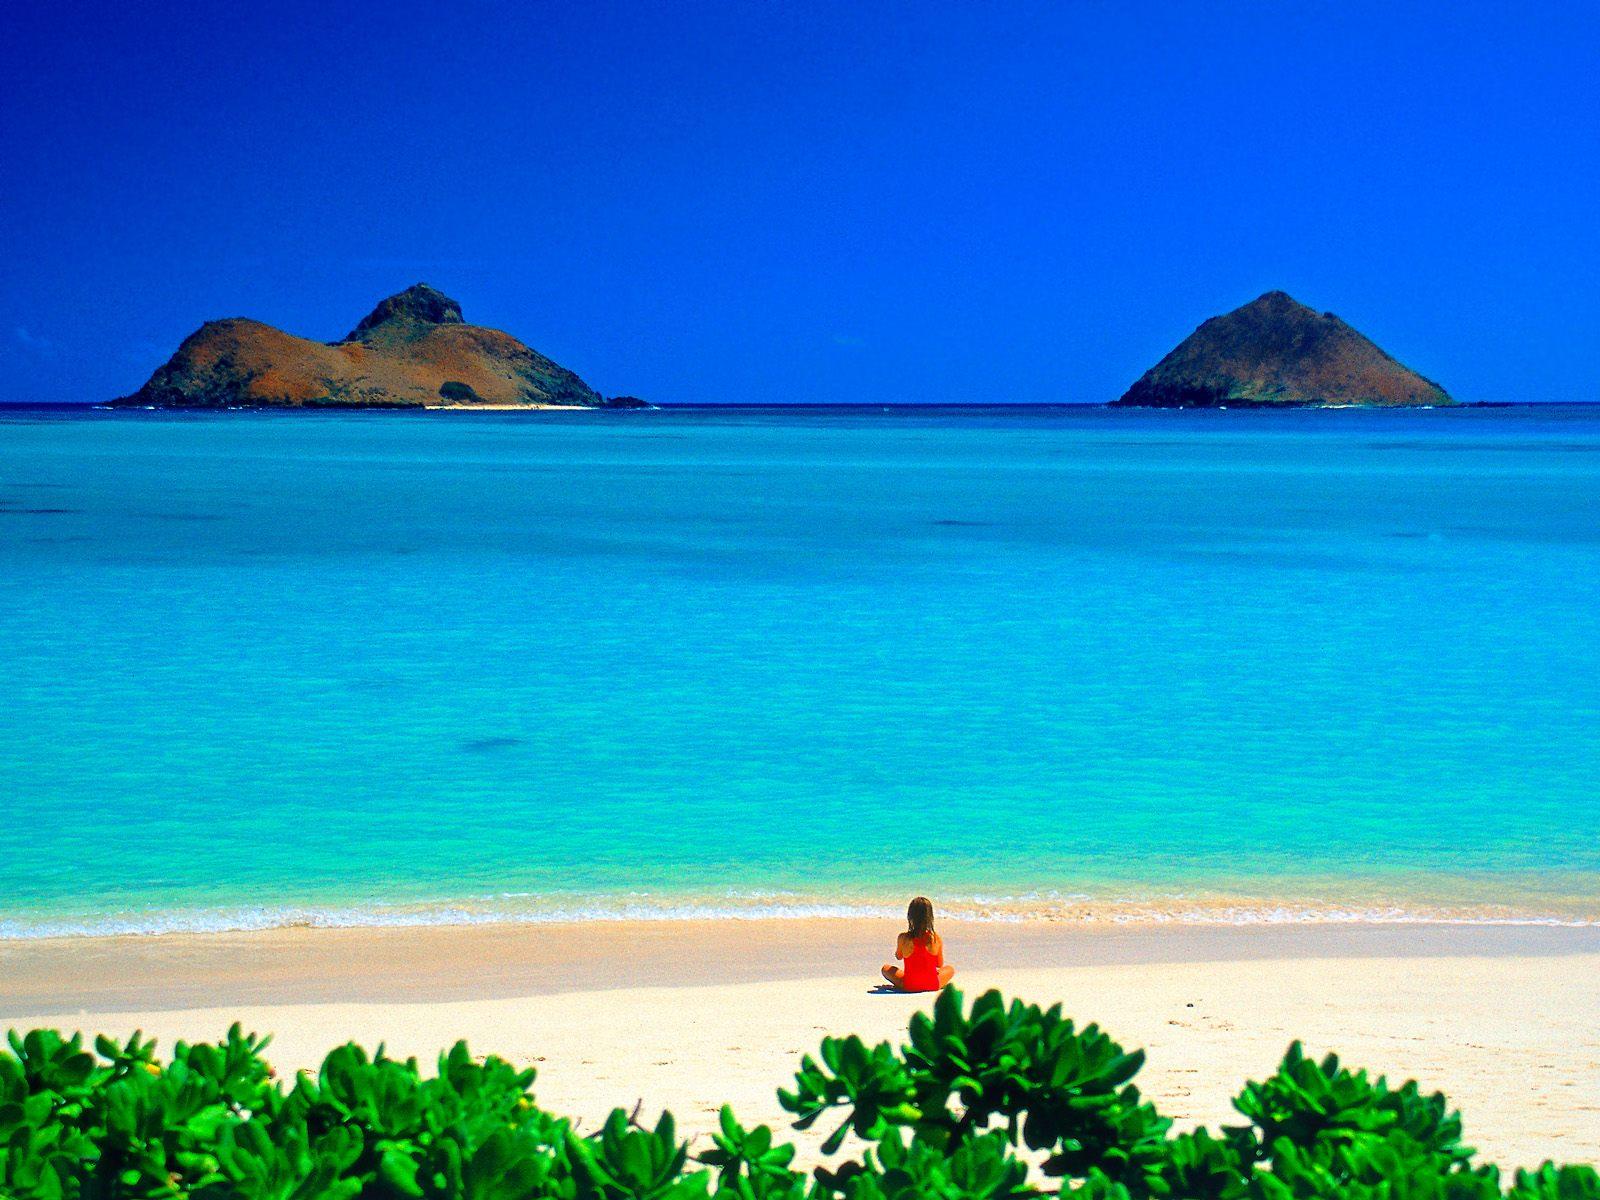 ハワイアンキルト ミントなハワイ Miu Mint Aloha 店長日記 海